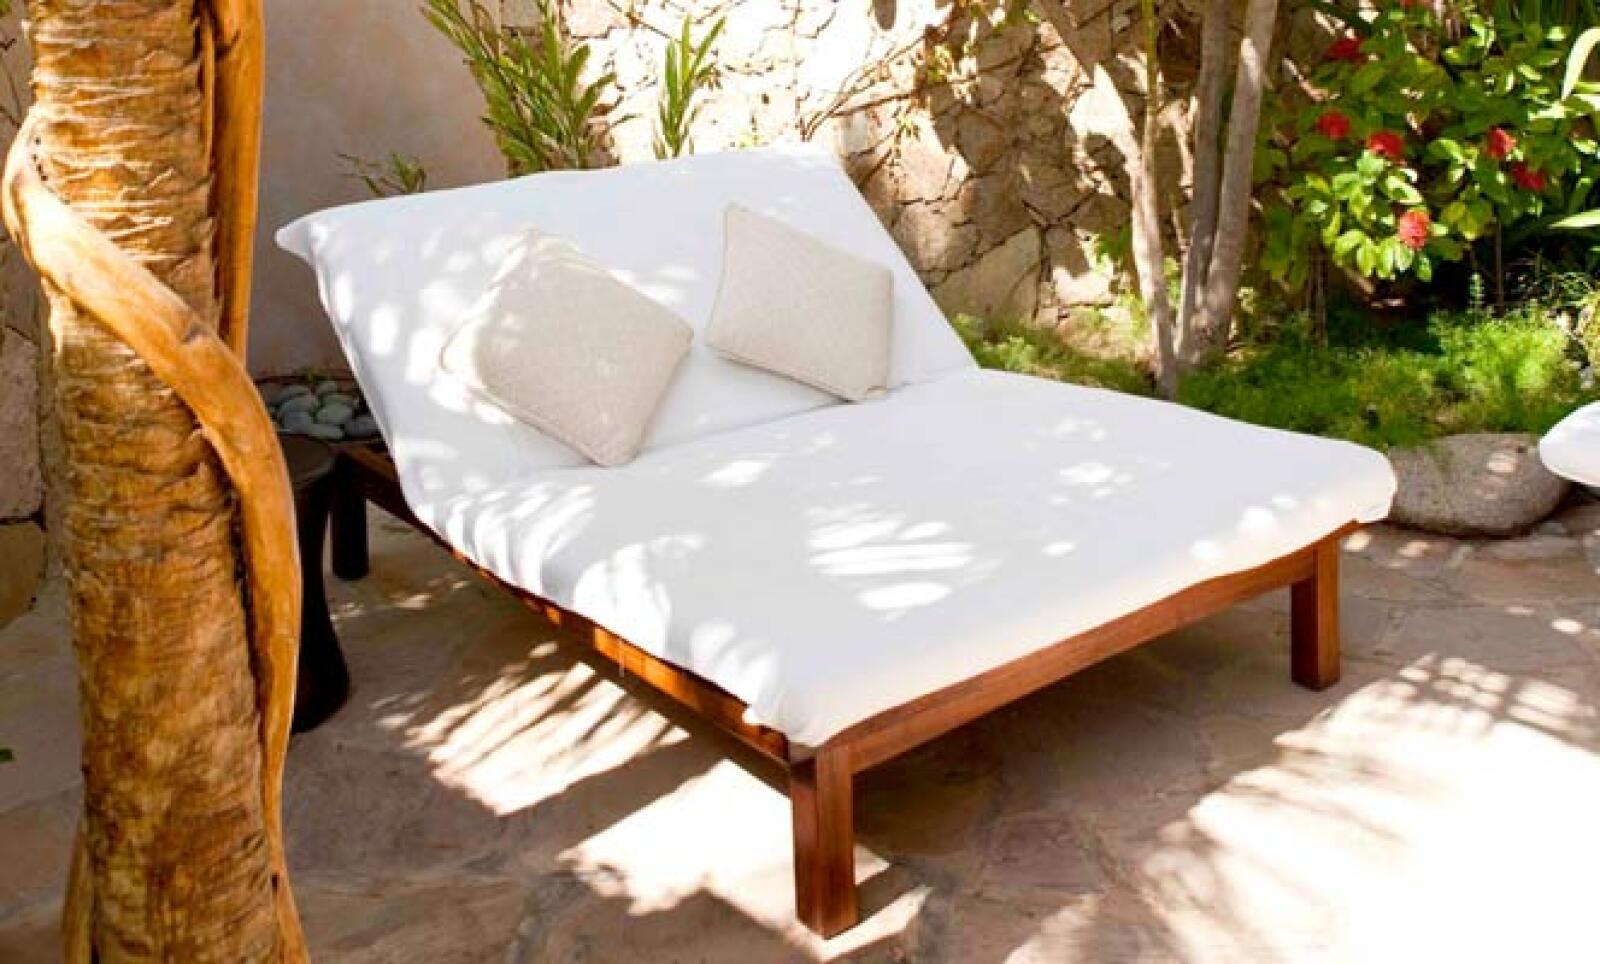 El hotel ofrece clases de yoga, lecciones de pintura, servicios de gimnasio y se encuentra a tan sólo 20 minutos del pueblo colonial San José del Cabo.